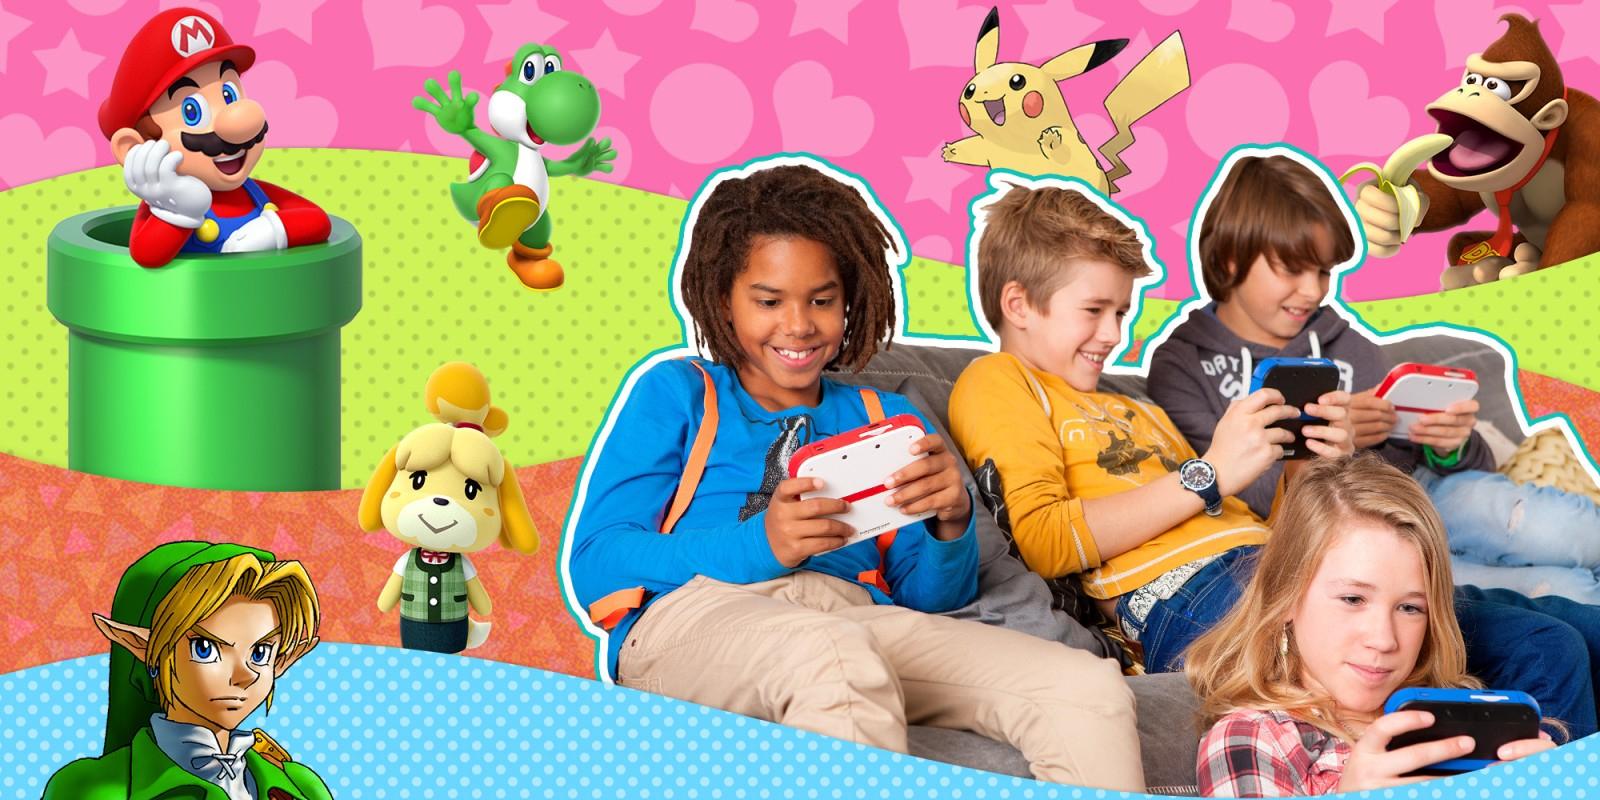 Jeux Nintendo Pour Les Enfants | Nintendo à Jeux Fille 4 Ans Gratuits